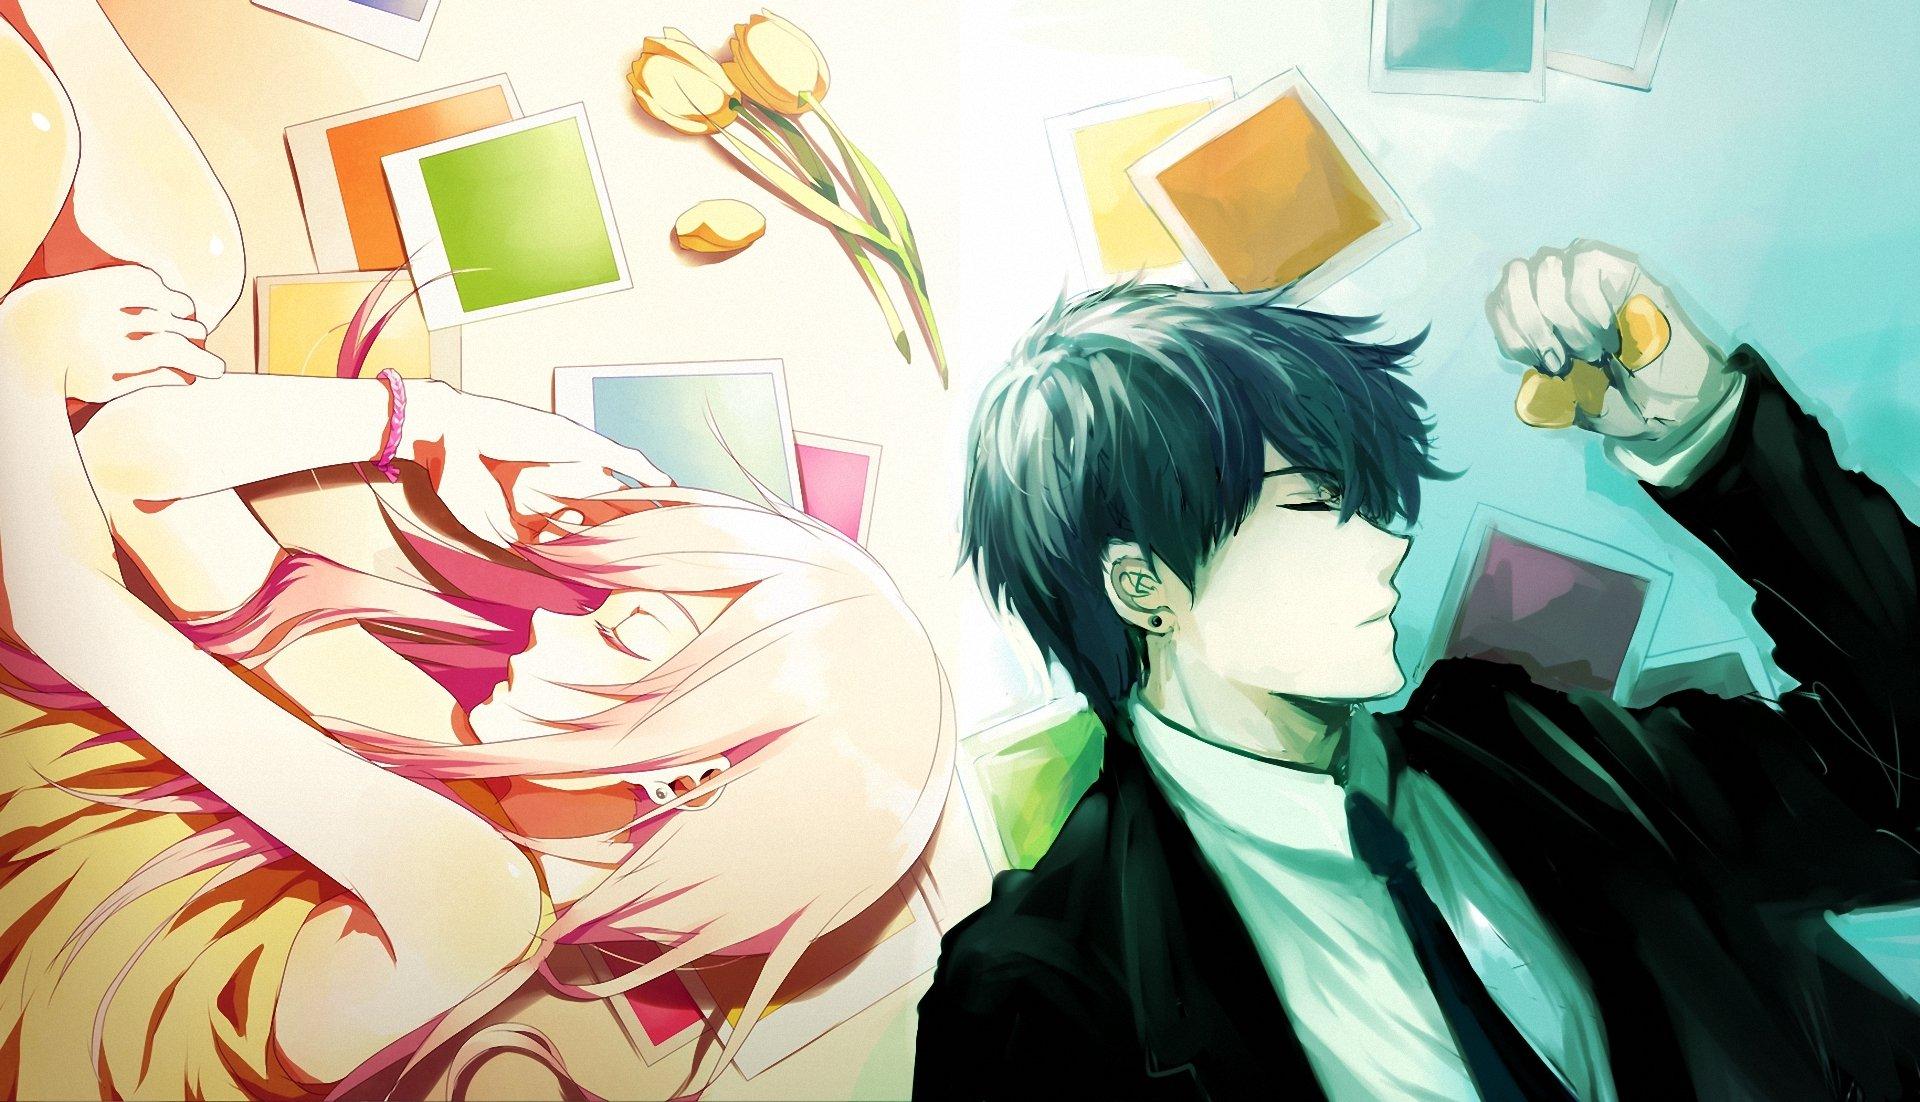 Anime Couple Boy Girl Sleep Wallpaper